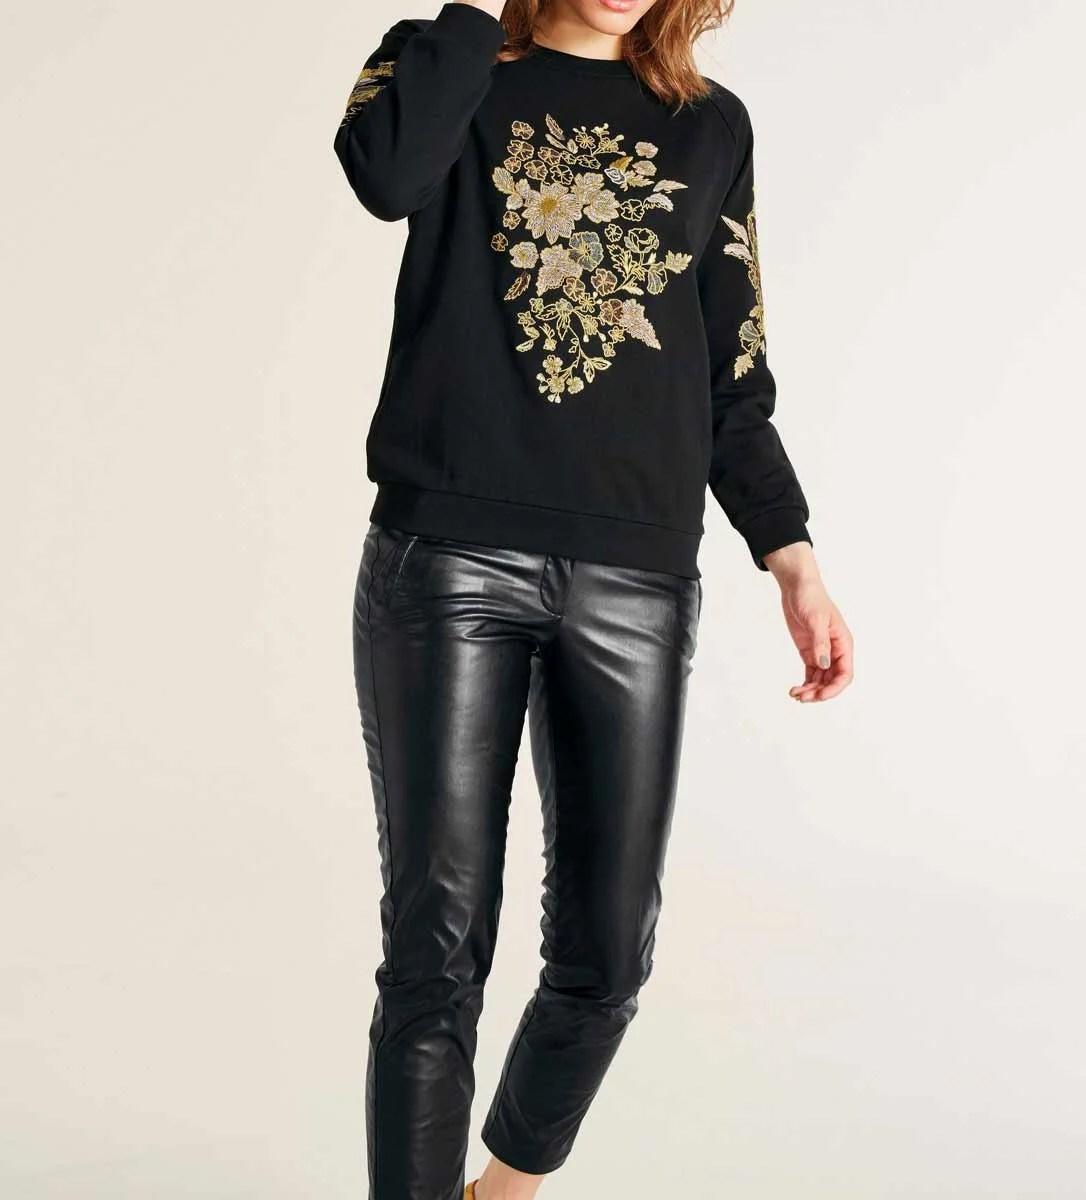 t shirts ohne ärmel HEINE Damen Designer-Sweatshirt m. Stickerei Schwarz-Bunt 598.420 Missforty